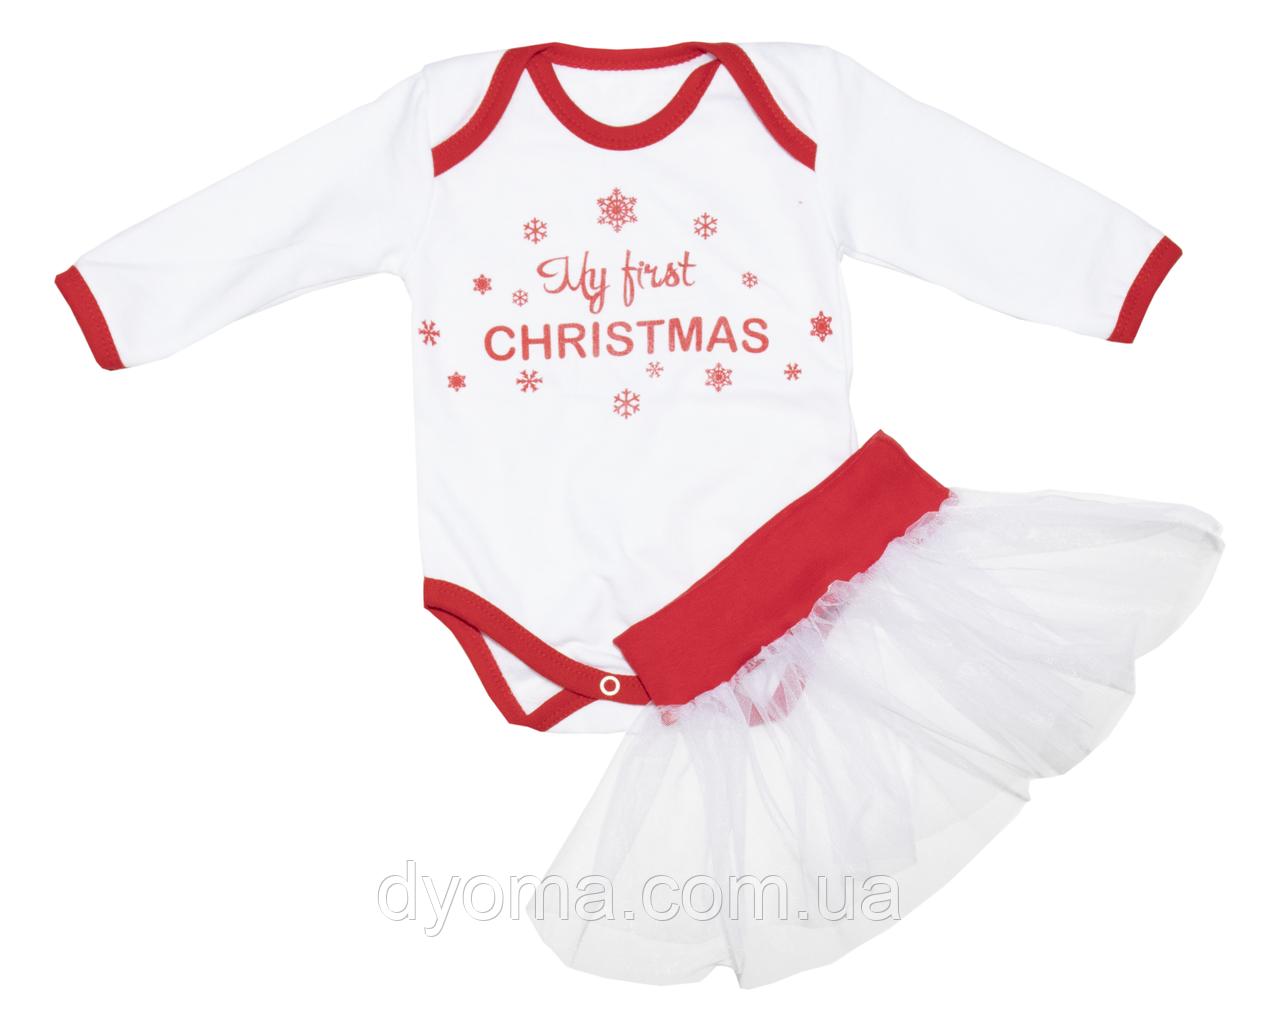 """Детский новогодний комплект боди с юбочкой """"My first Christmas"""" для девочек"""